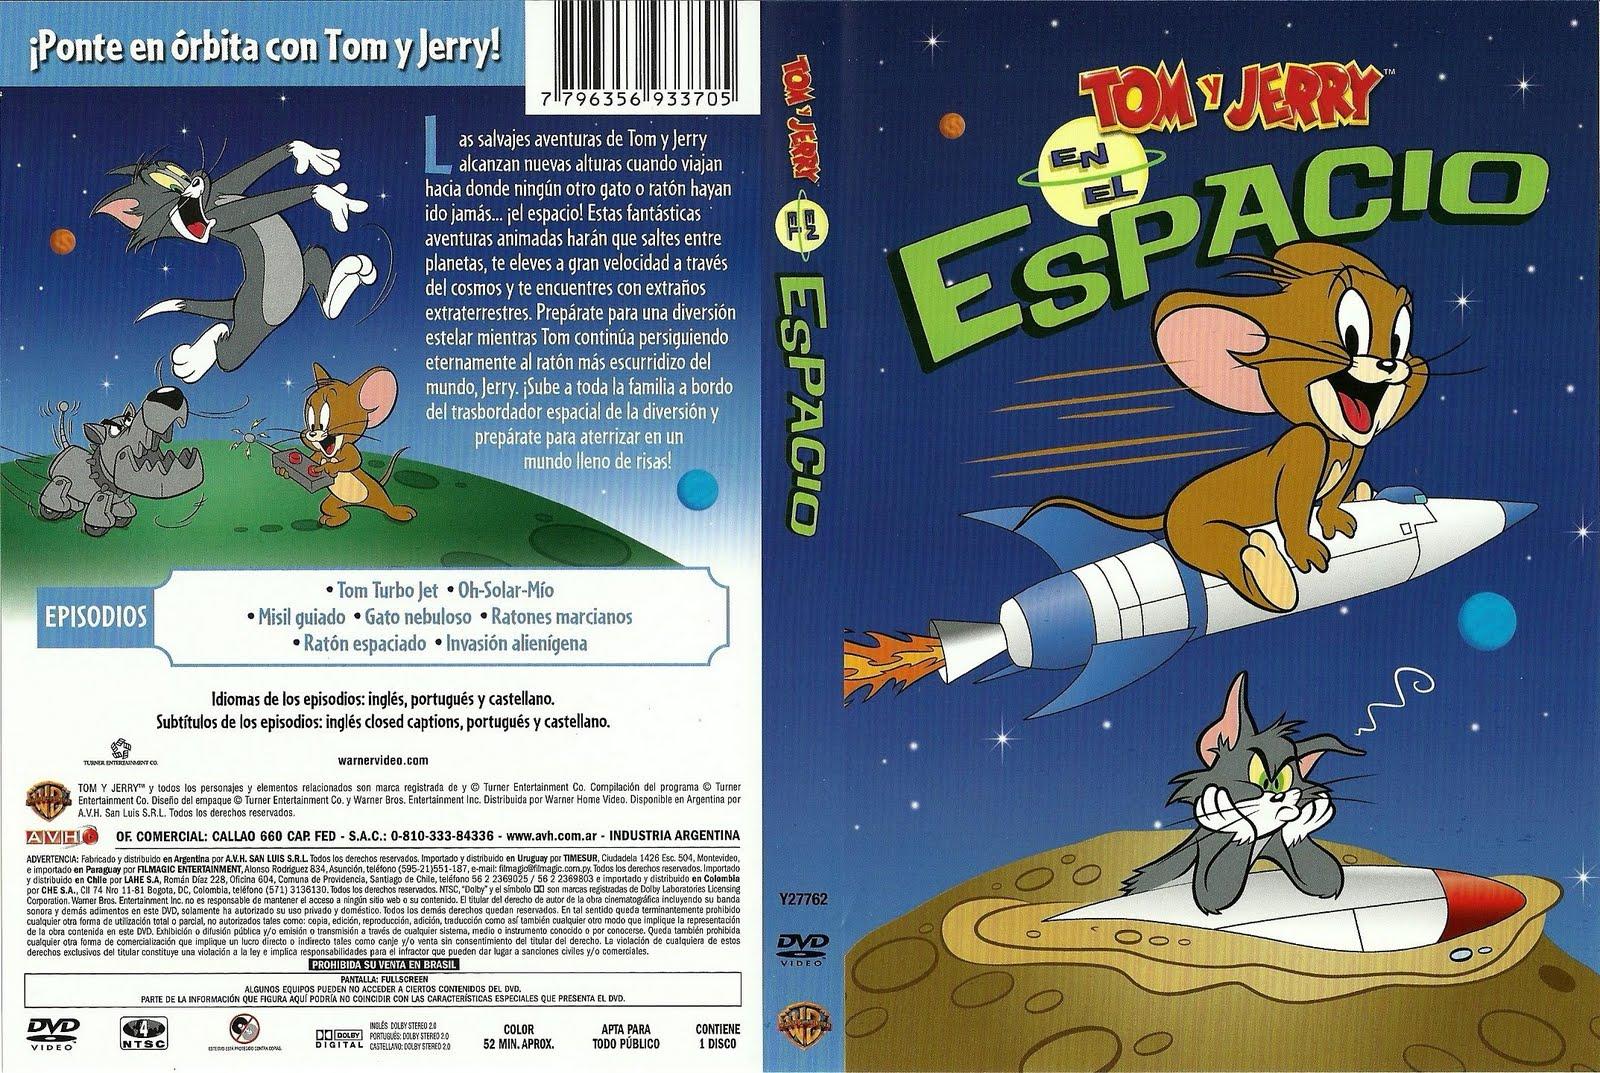 peliculas y juegos ps2: Tom Y Jerry en El Espacio